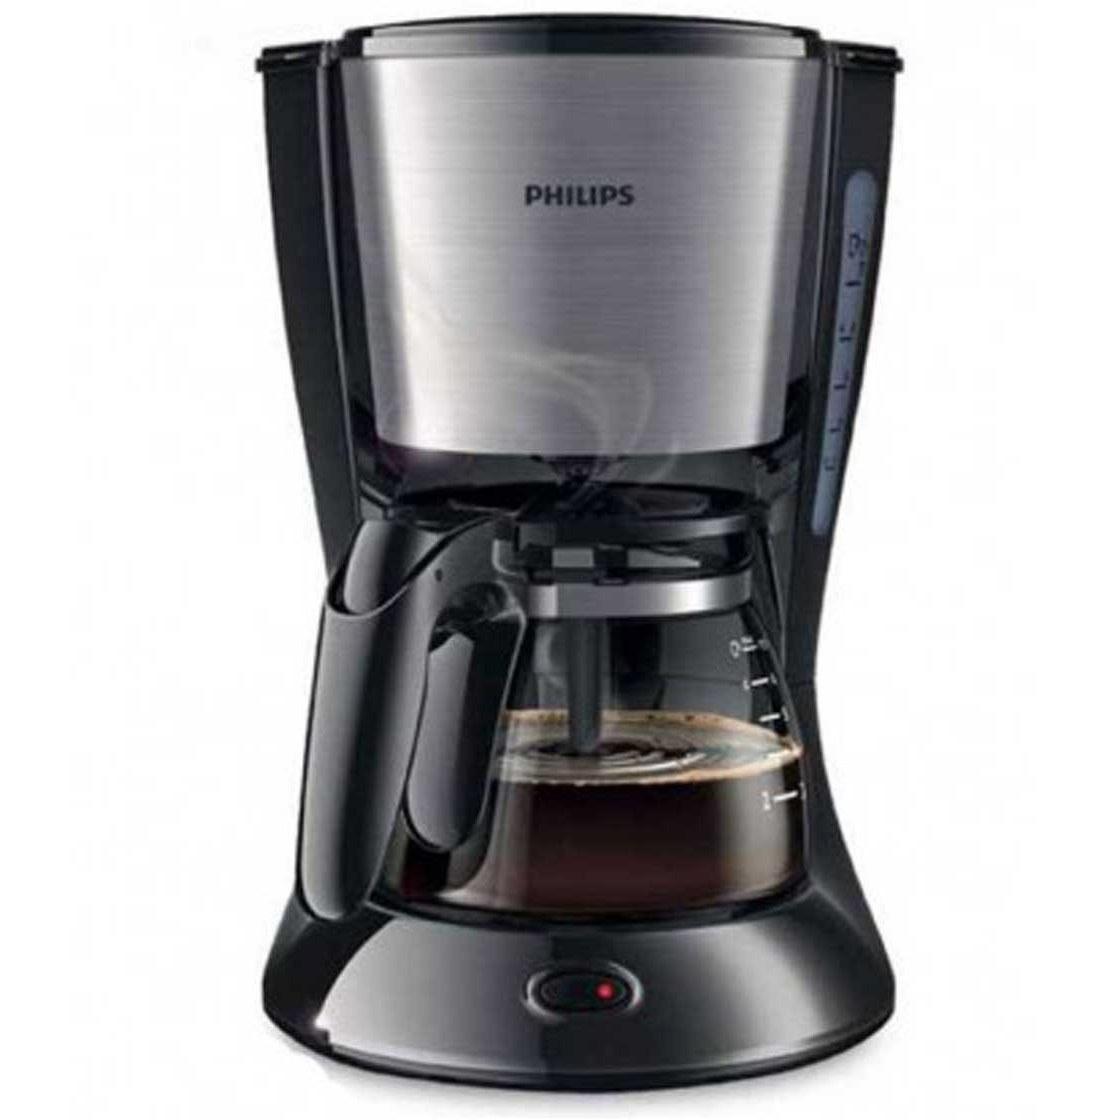 تصویر قهوه ساز فیلیپس مدل HD7478